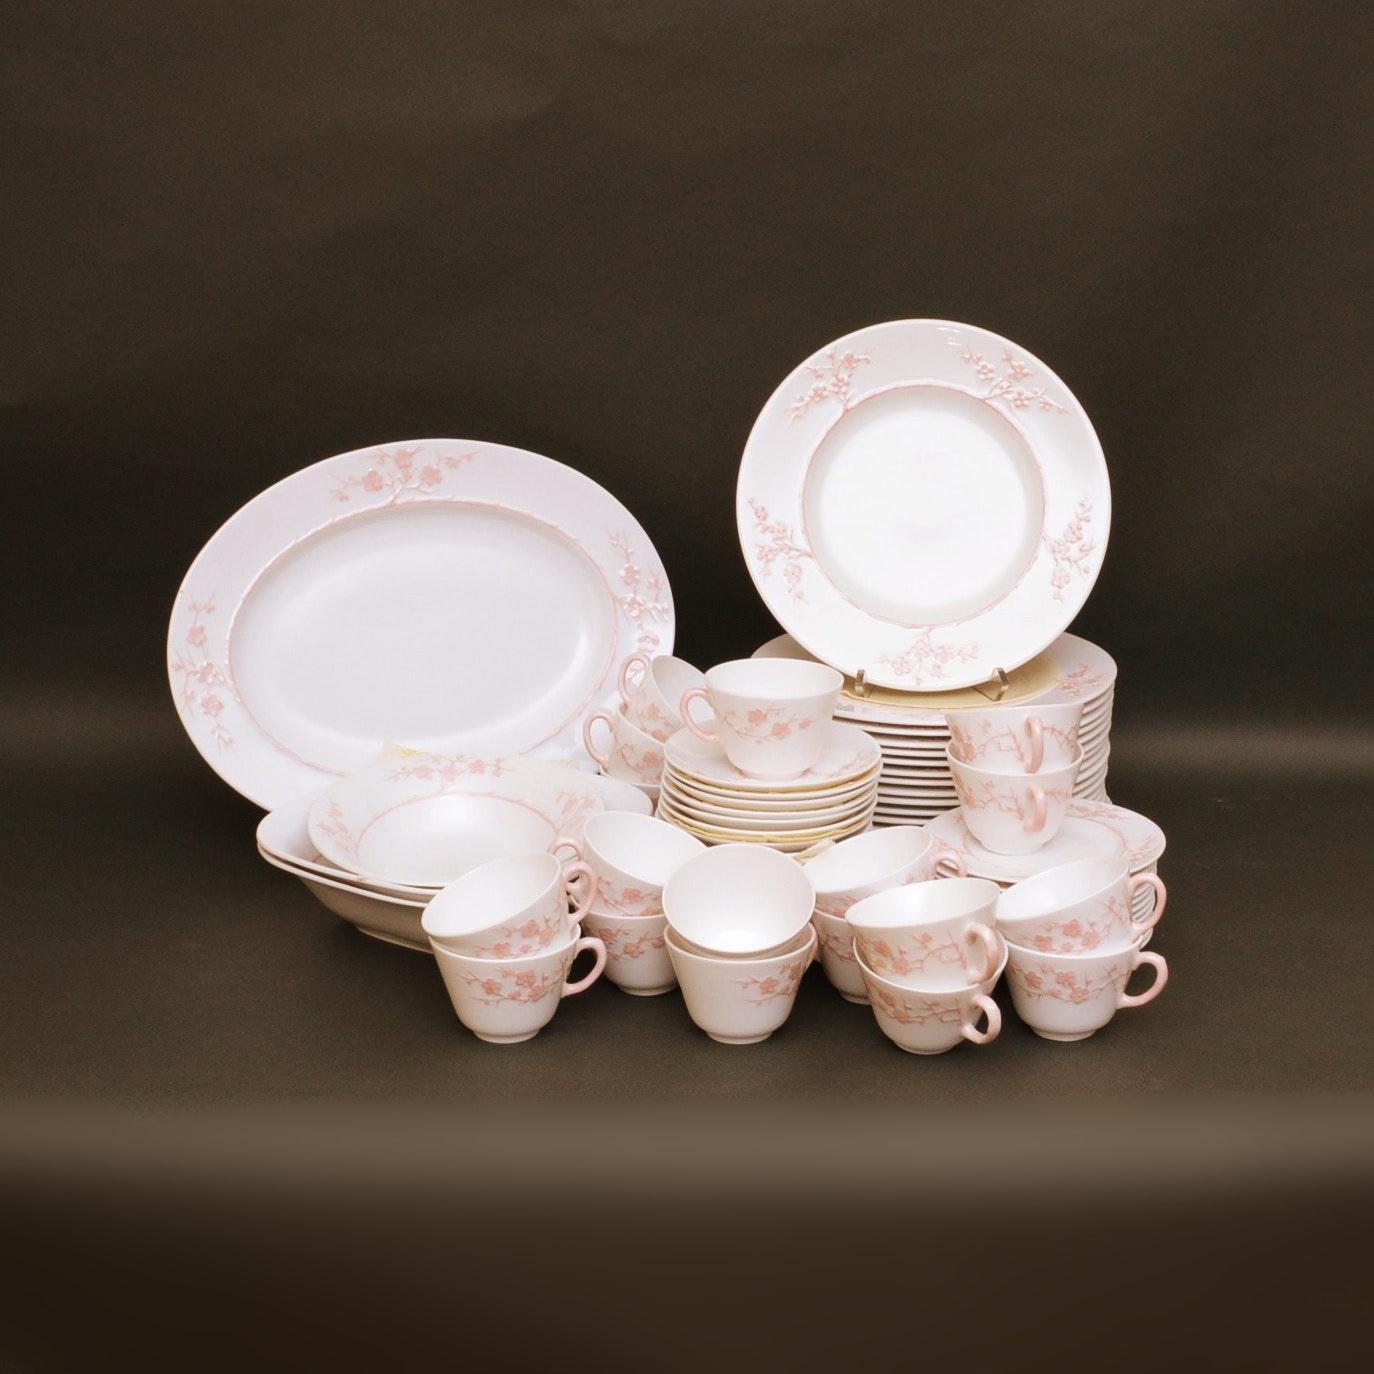 """Spode """"Blanche de Chine"""" Earthenware Tableware"""